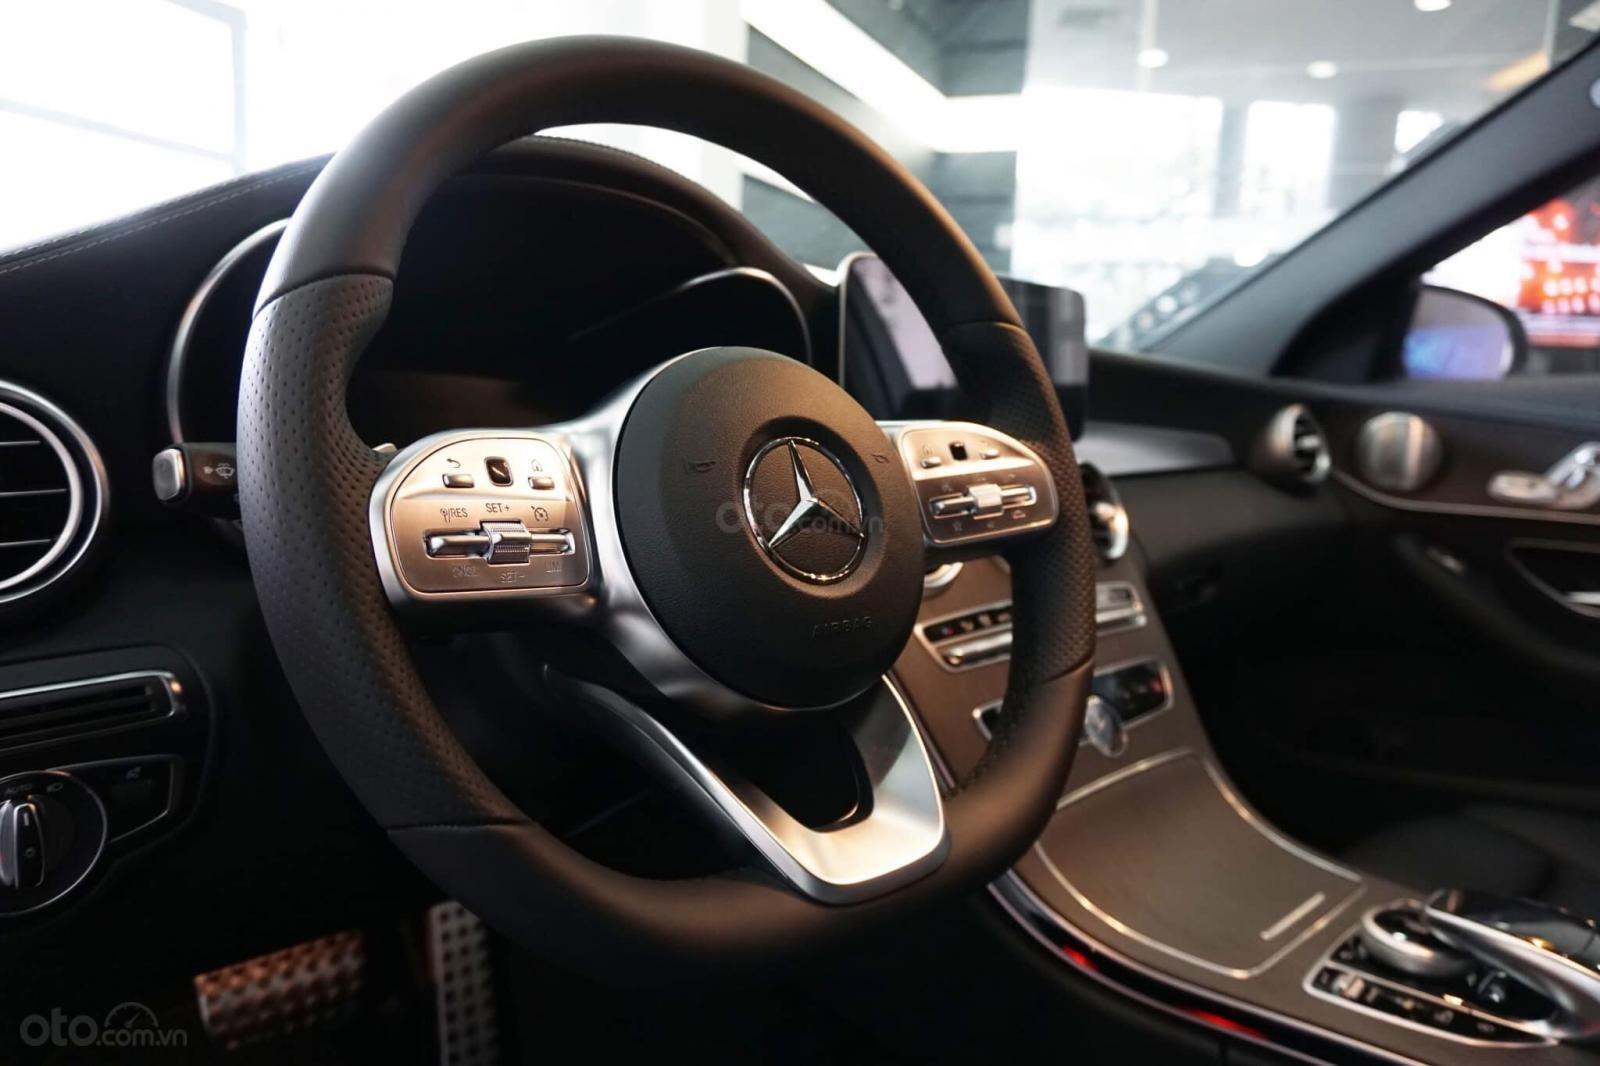 Giá xe Mercedes C300 AMG 2019: Thông số, giá lăn bánh (11/2019) giảm tiền mặt, tặng bảo hiểm và phụ kiện chính hãng (8)